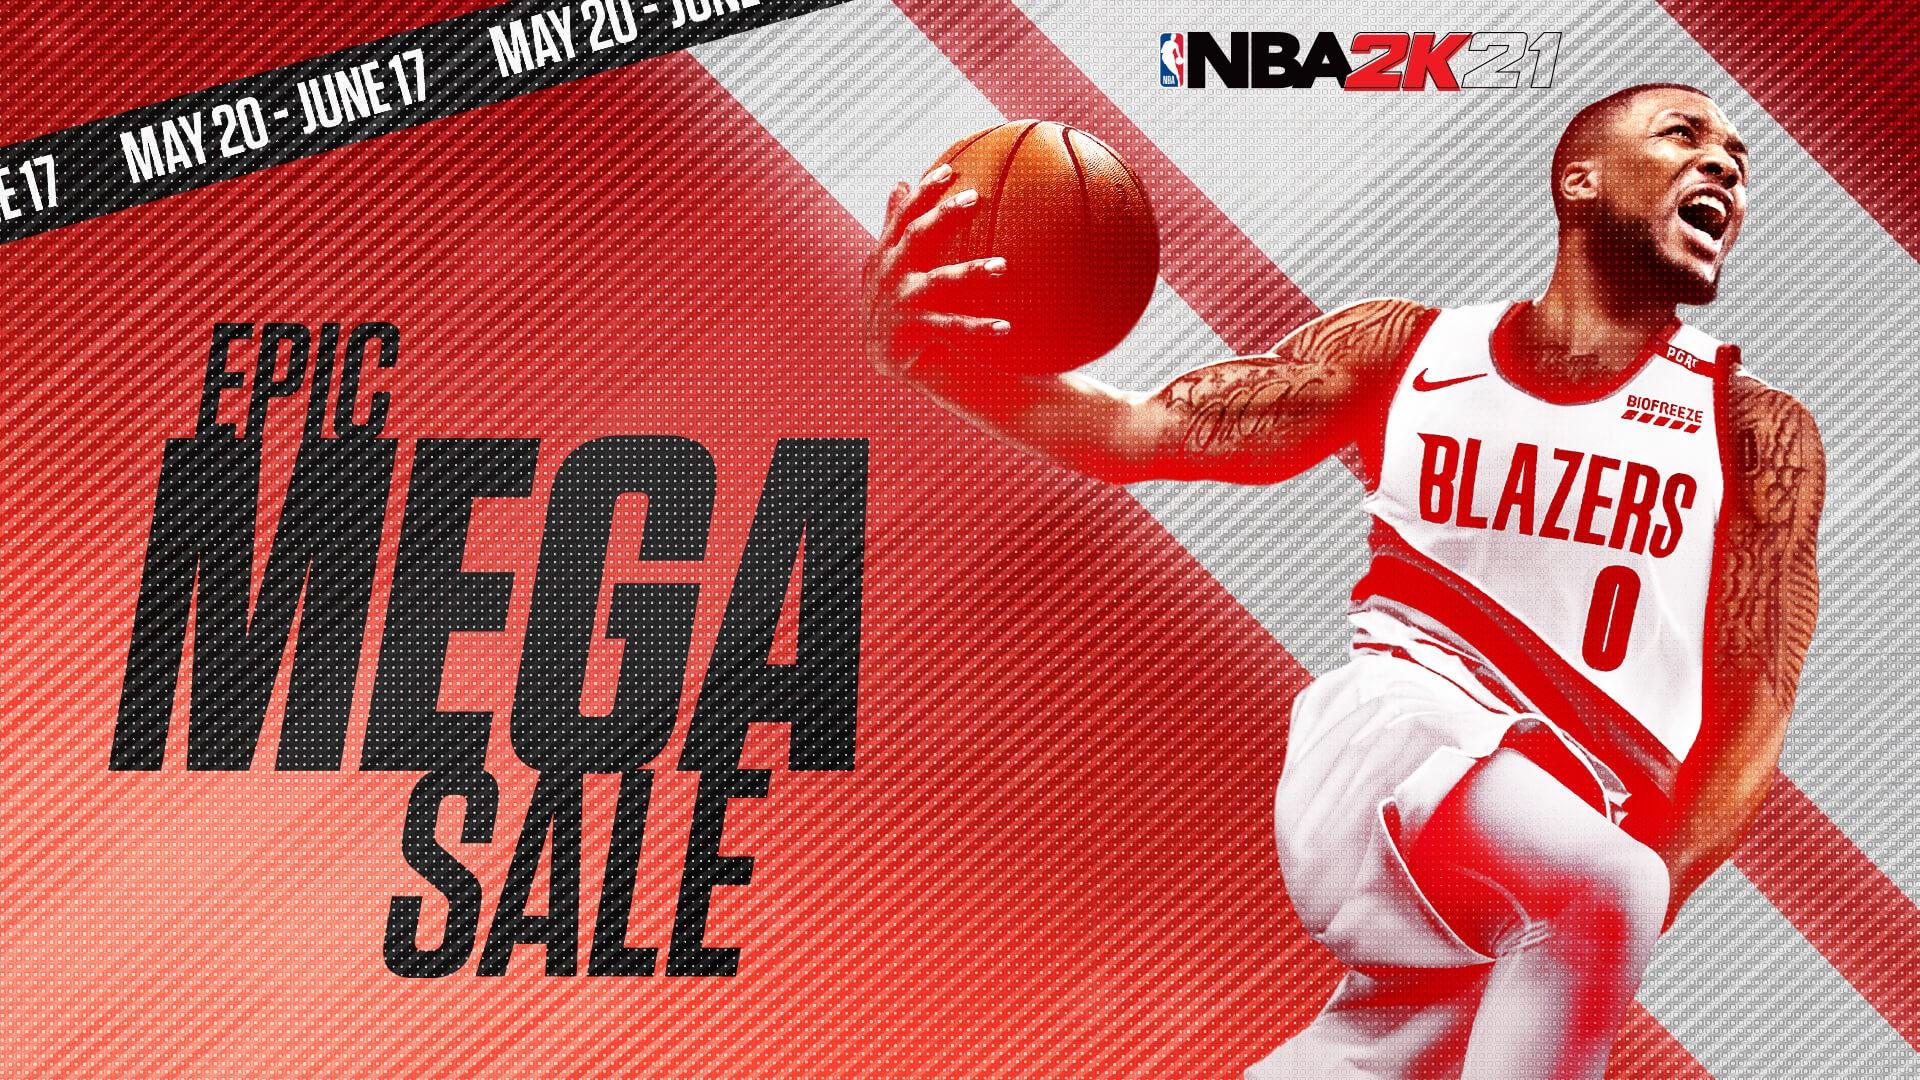 В Epic Games Store стартовала Мегараспродажа со скидками, раздачей бесплатных игр и купонами на 300 грн (NBA 2K21 уже доступна бесплатно) - ITC.ua